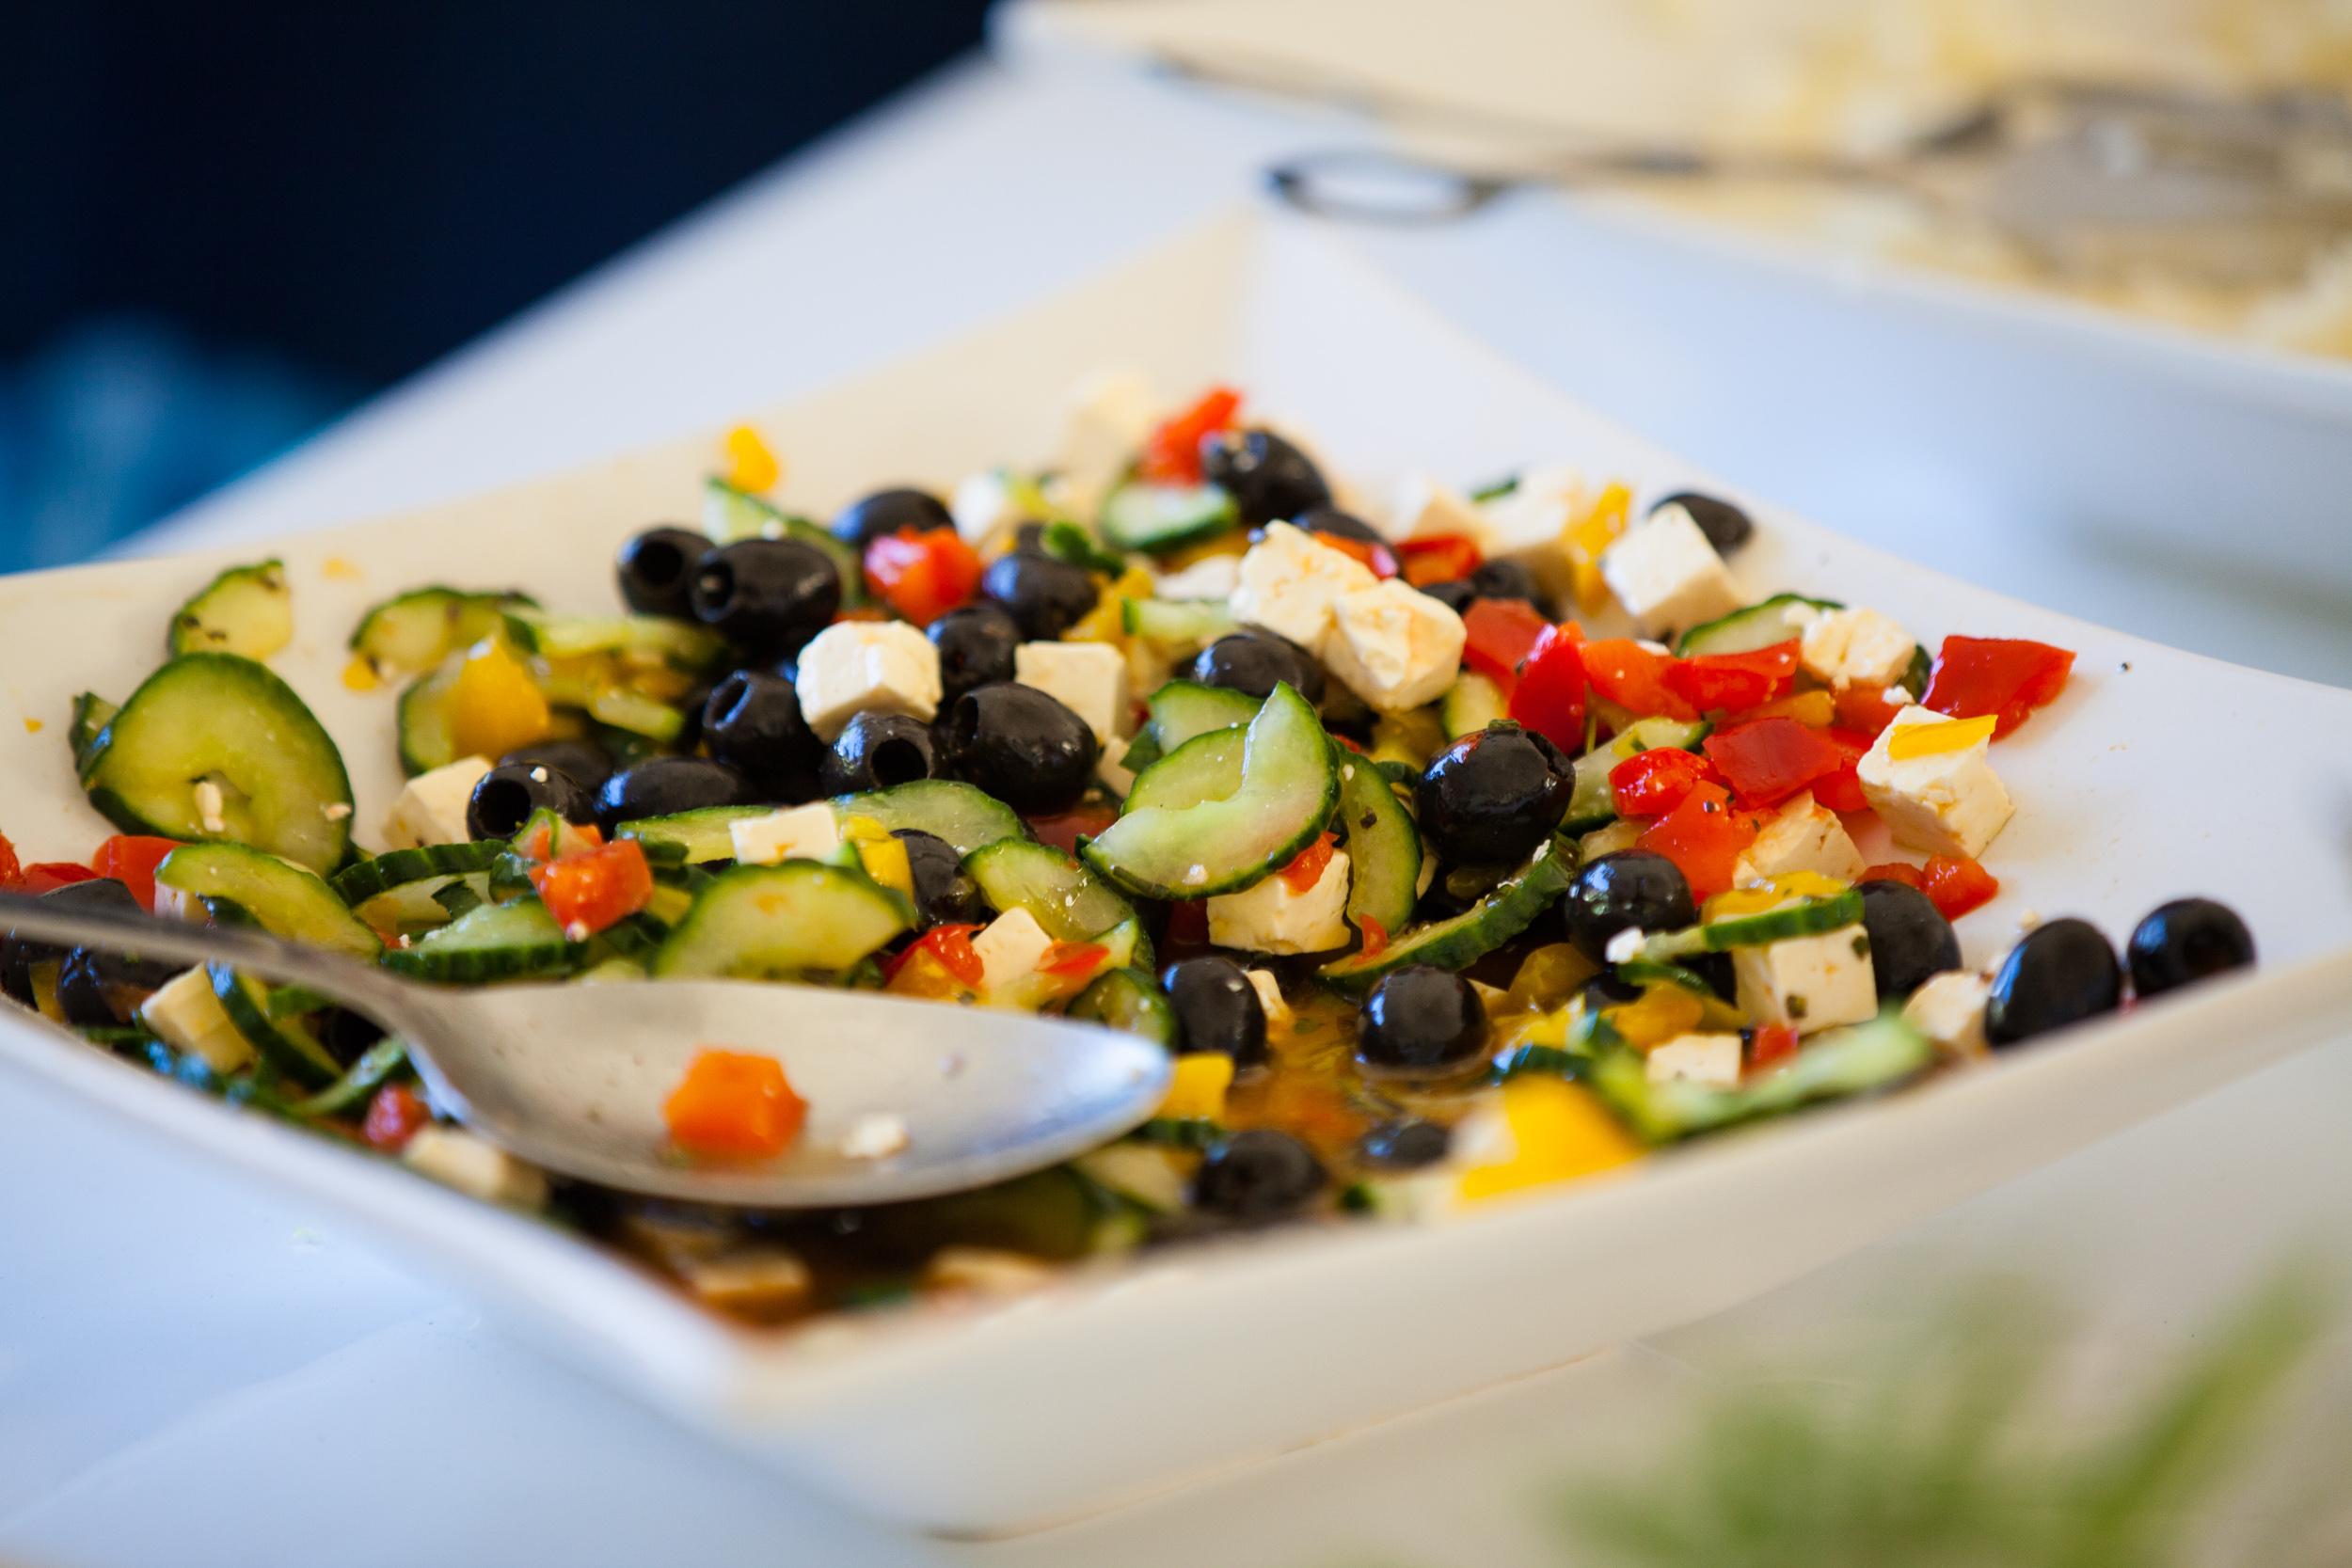 Leckeres und frisches Essen bei Catering zu privaten Anlässen